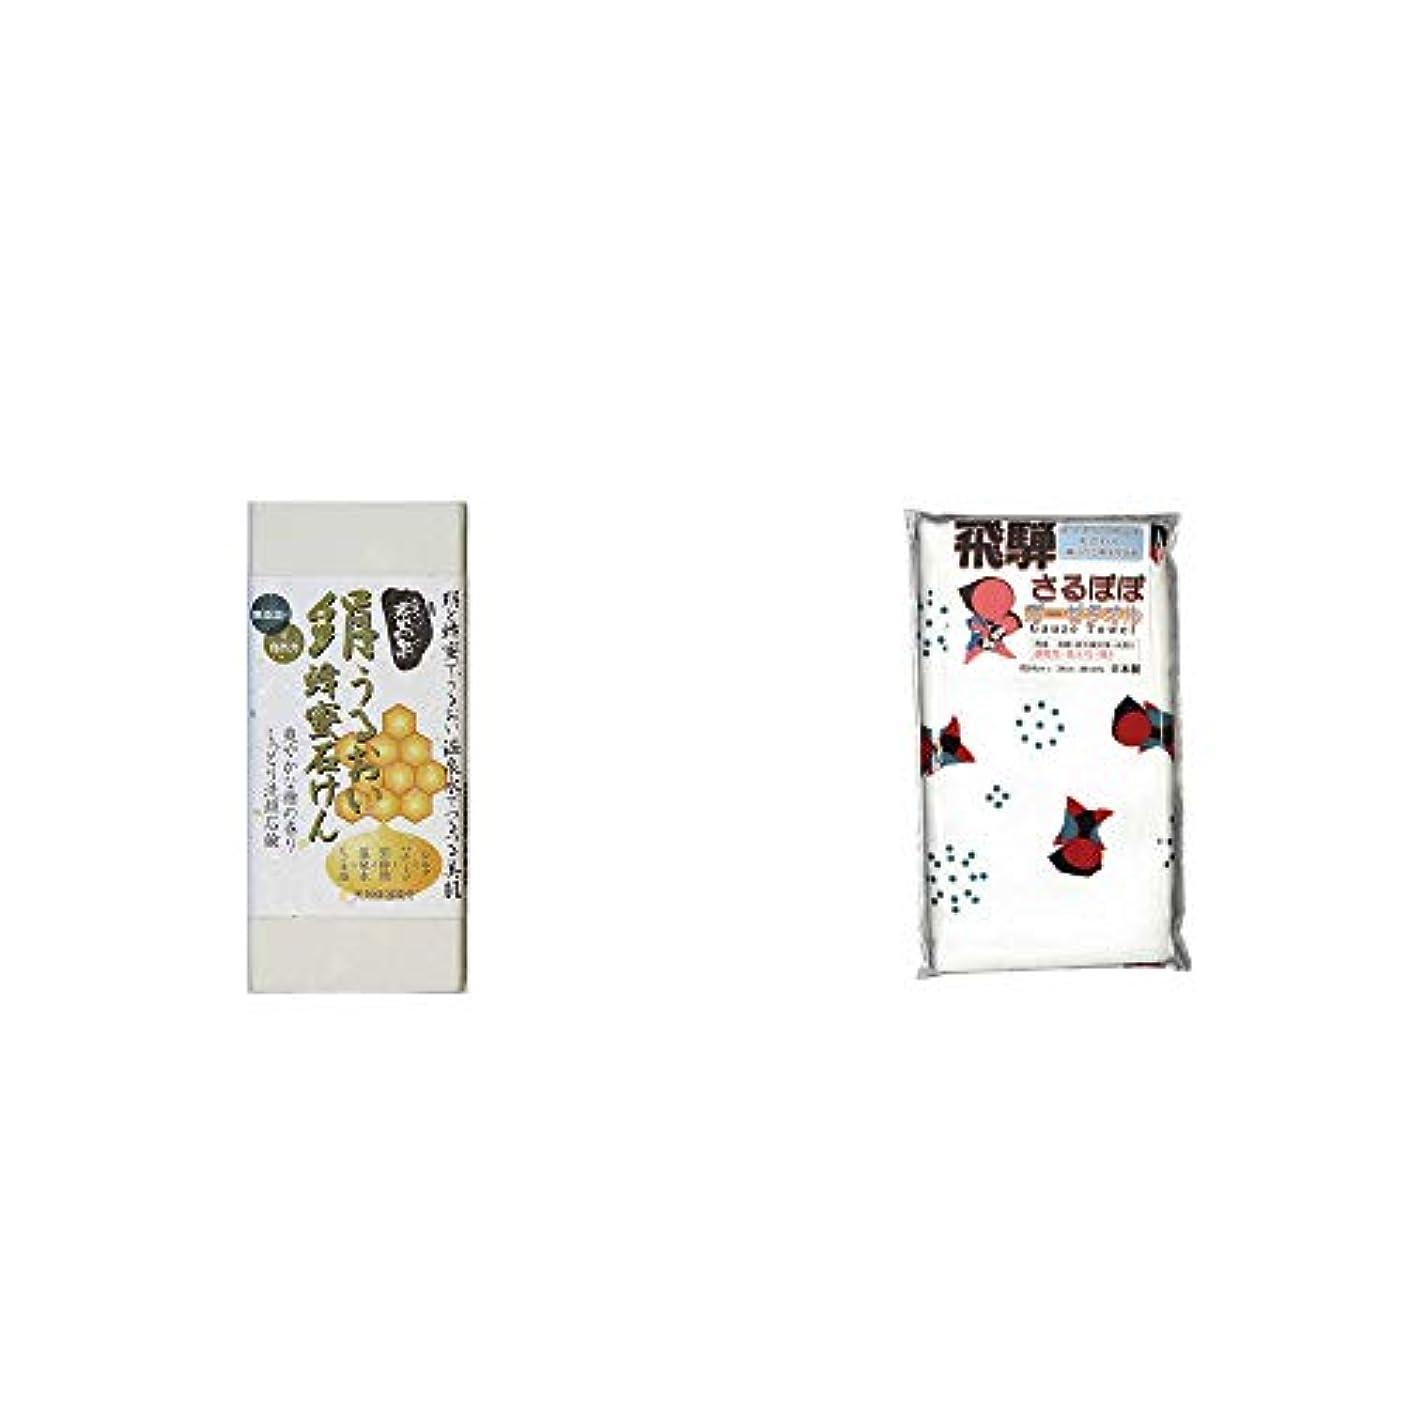 肥沃なボールフォルダ[2点セット] ひのき炭黒泉 絹うるおい蜂蜜石けん(75g×2)?飛騨さるぼぼ ガーゼタオル